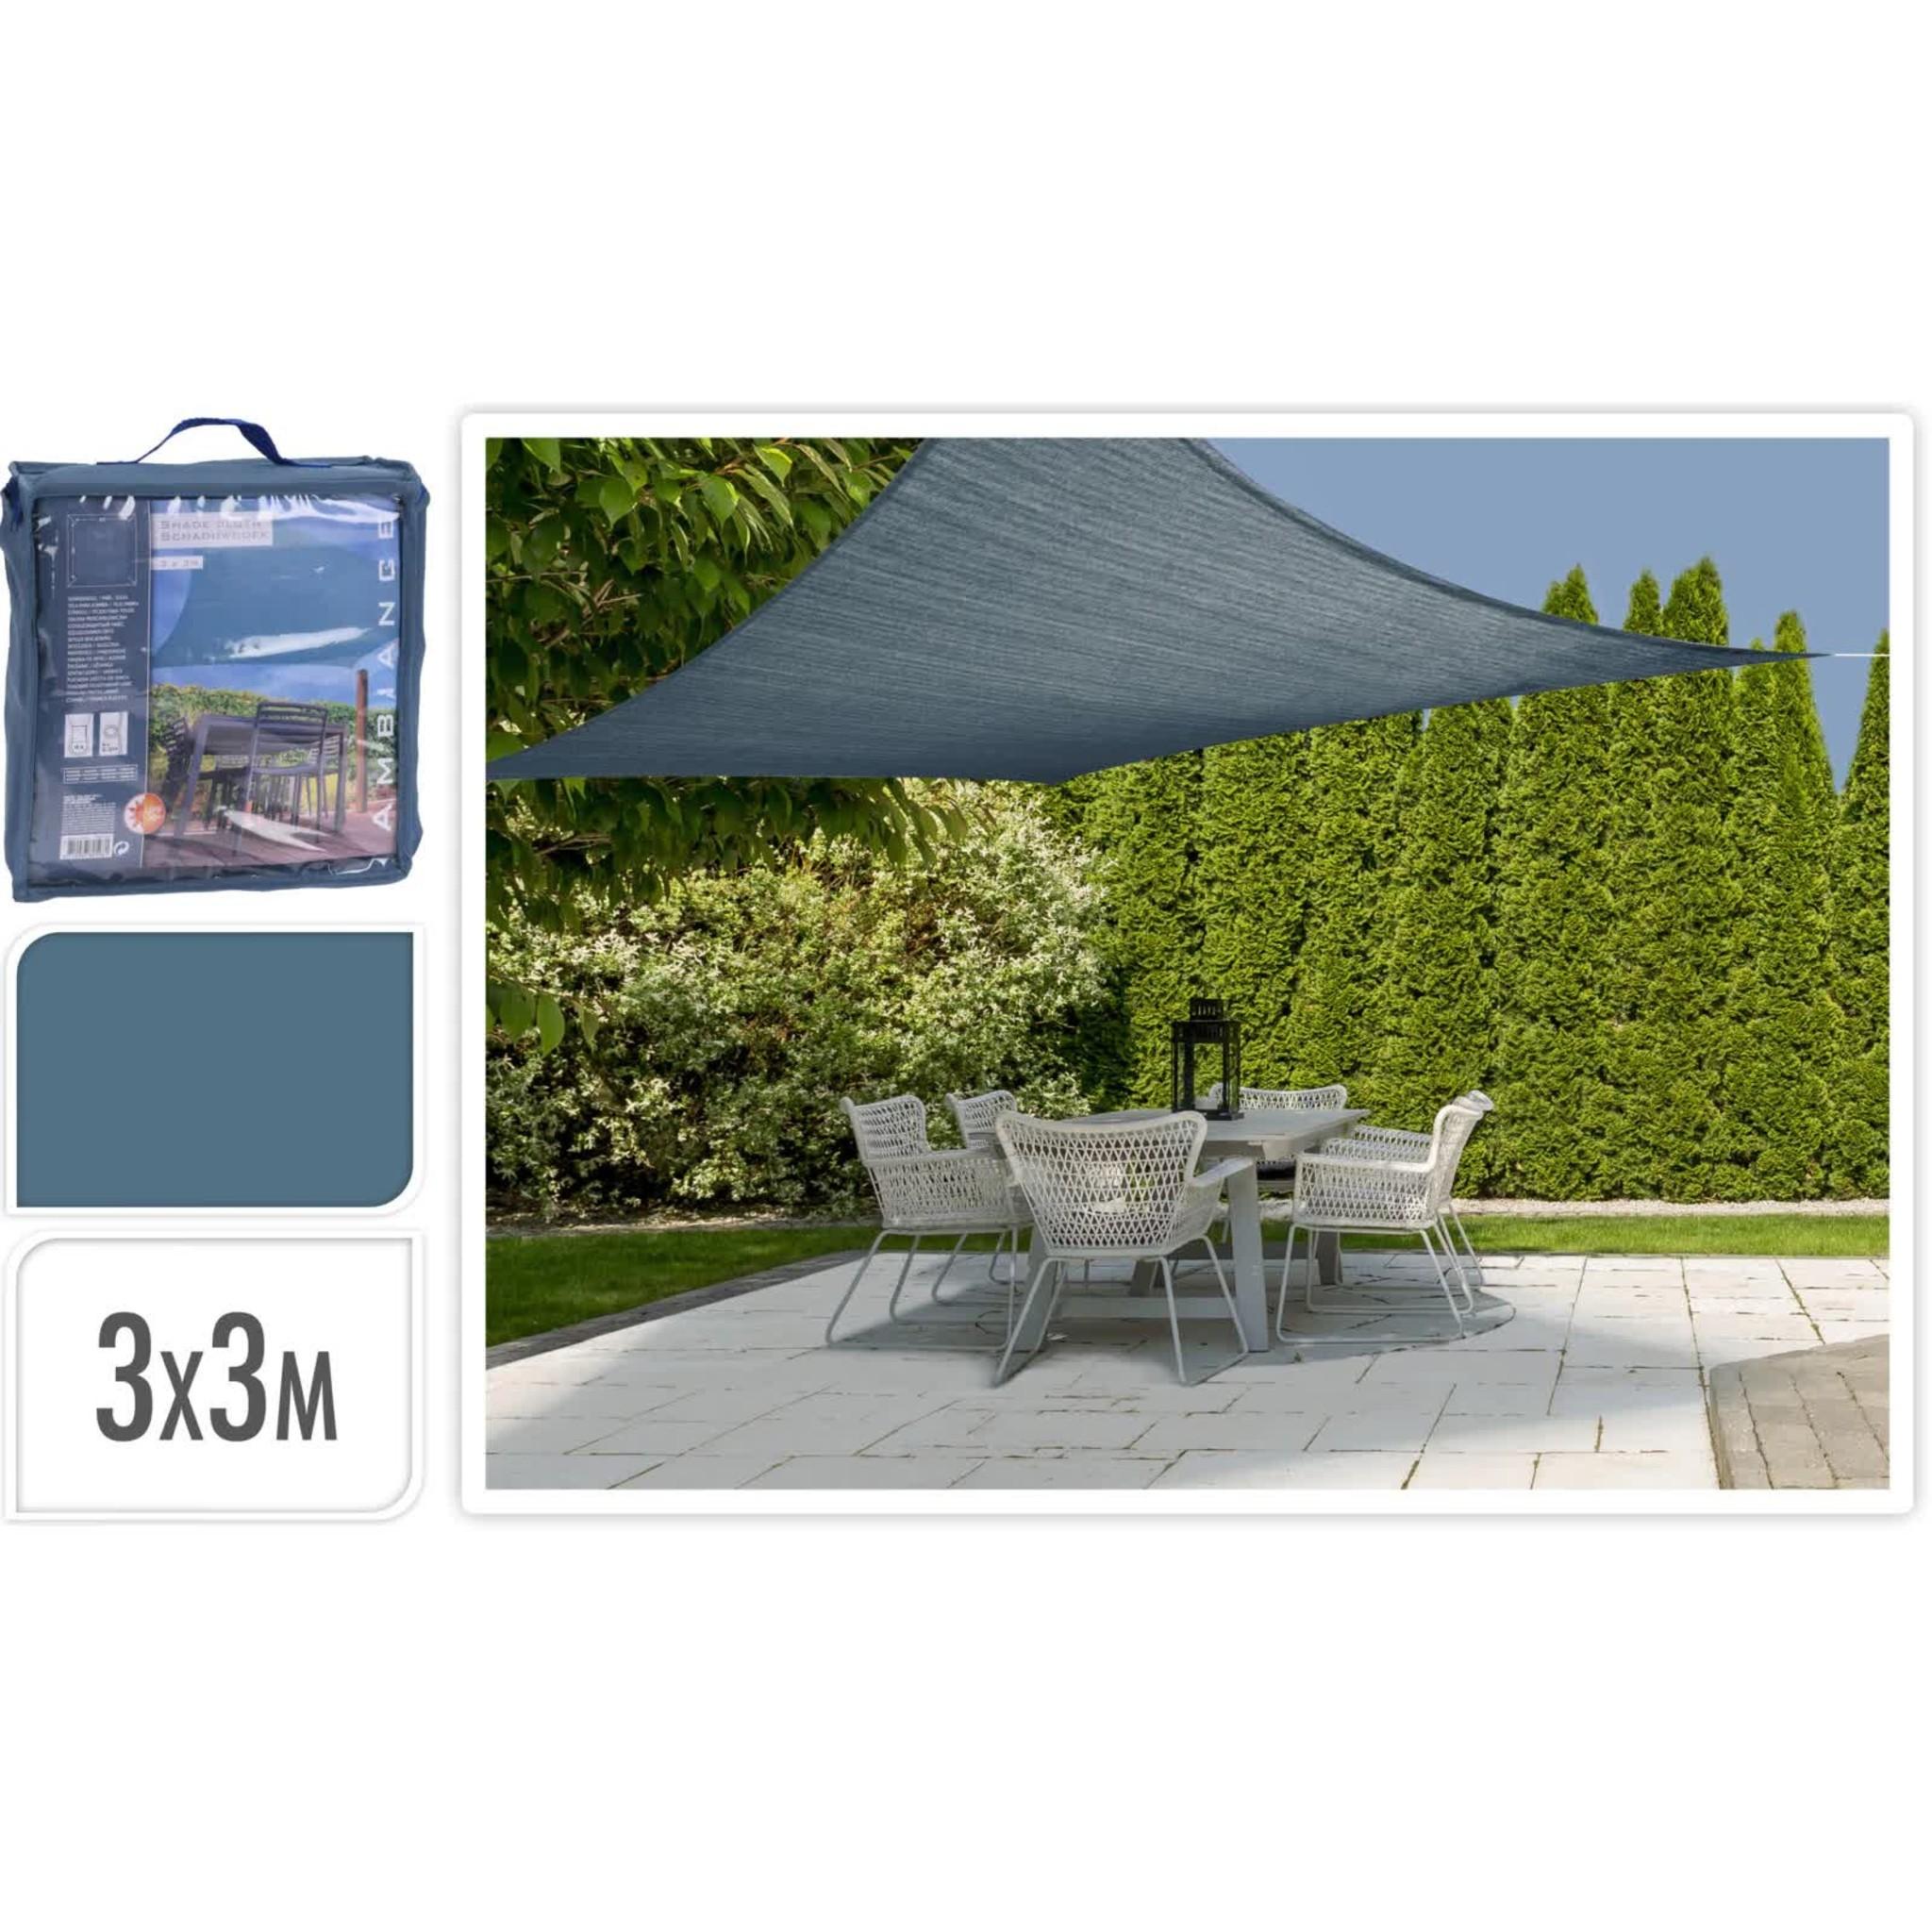 Schaduwdoek met UV bescherming UPF 50+ - 3x3 meter - Blauw